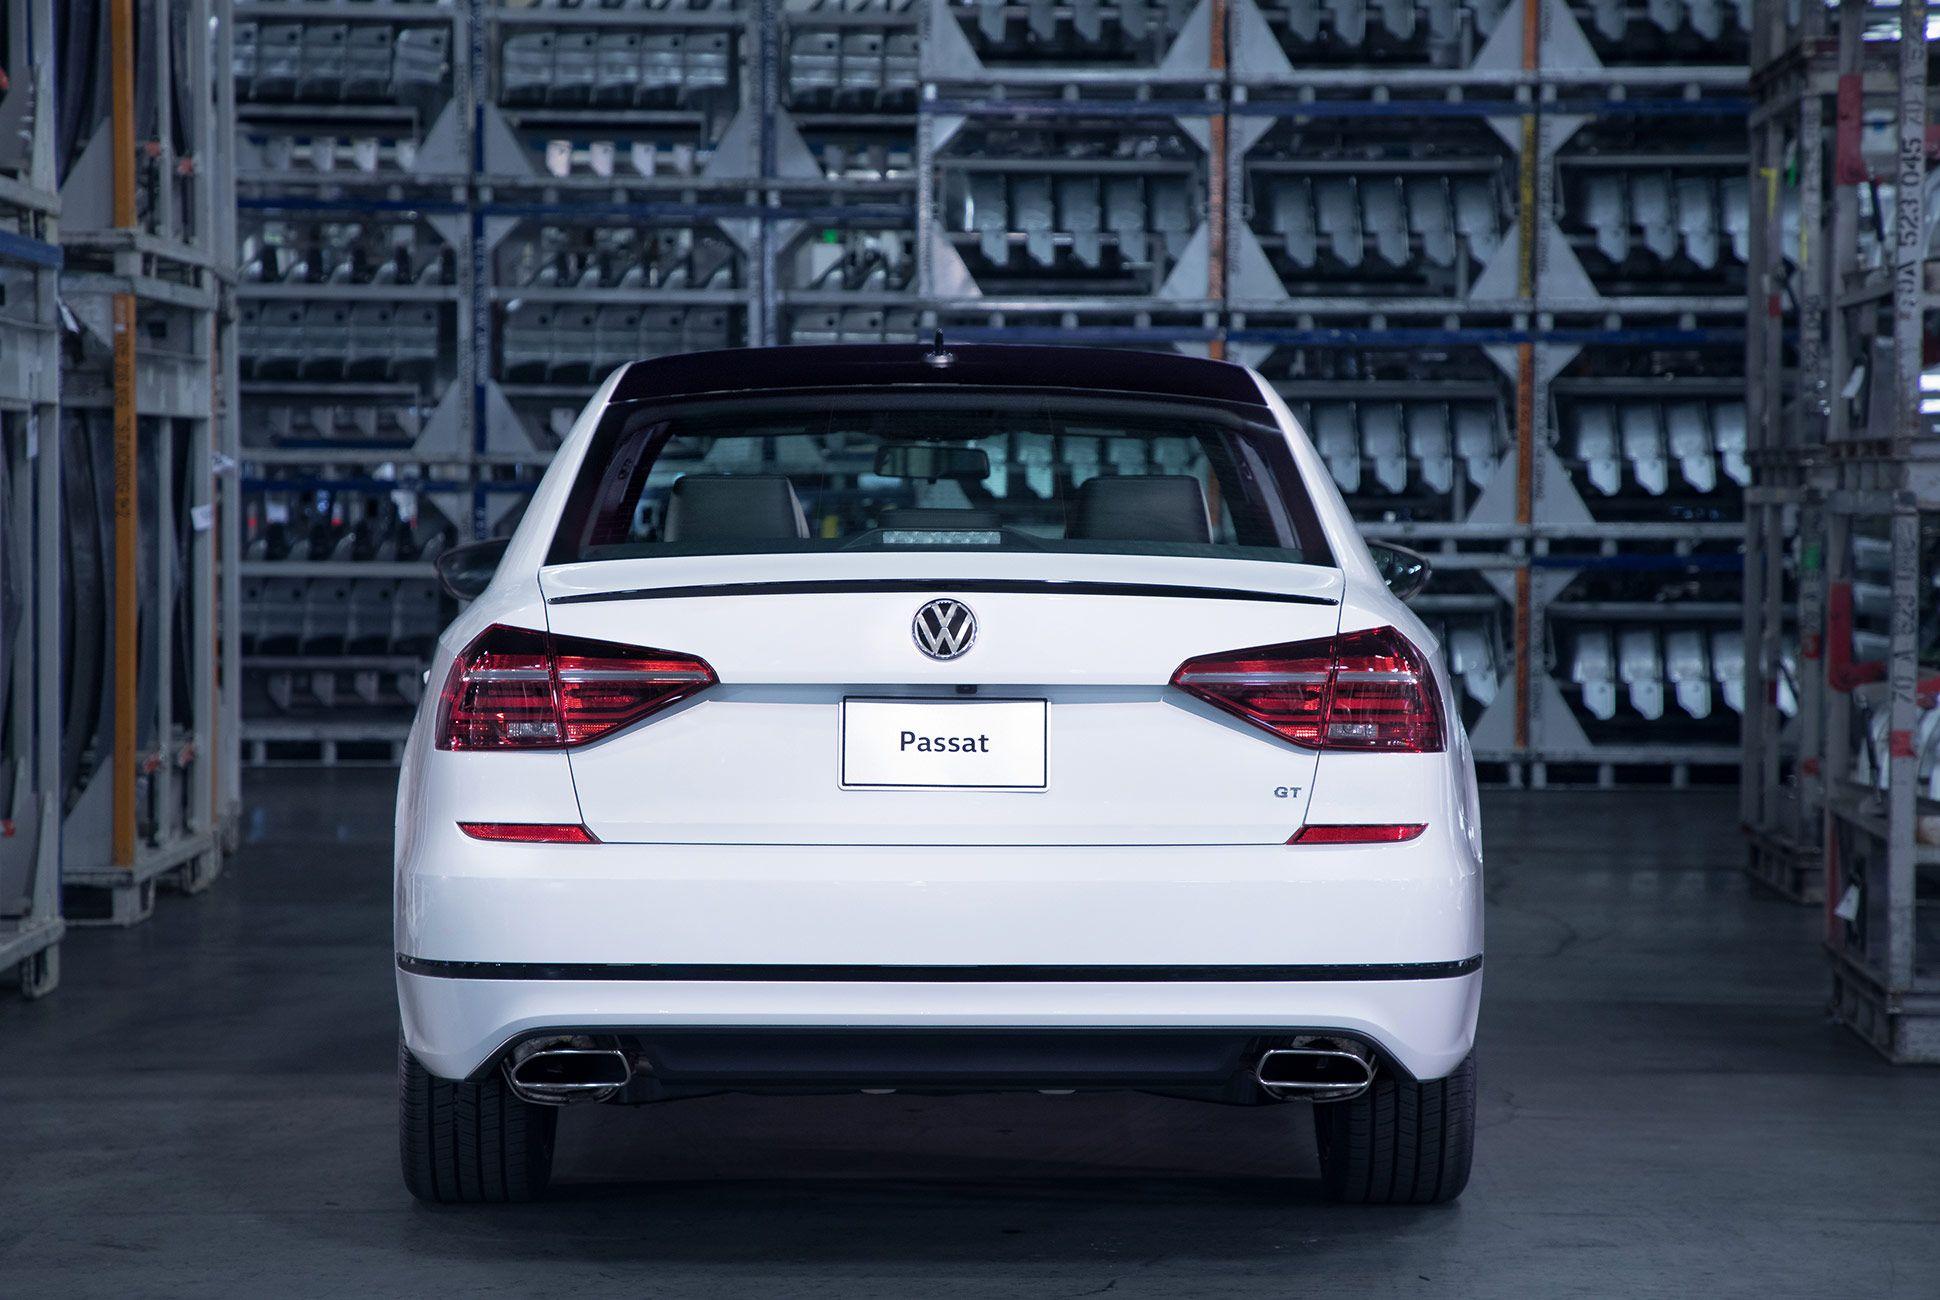 Volkswagen-GT-Passat-gear-patrol-2